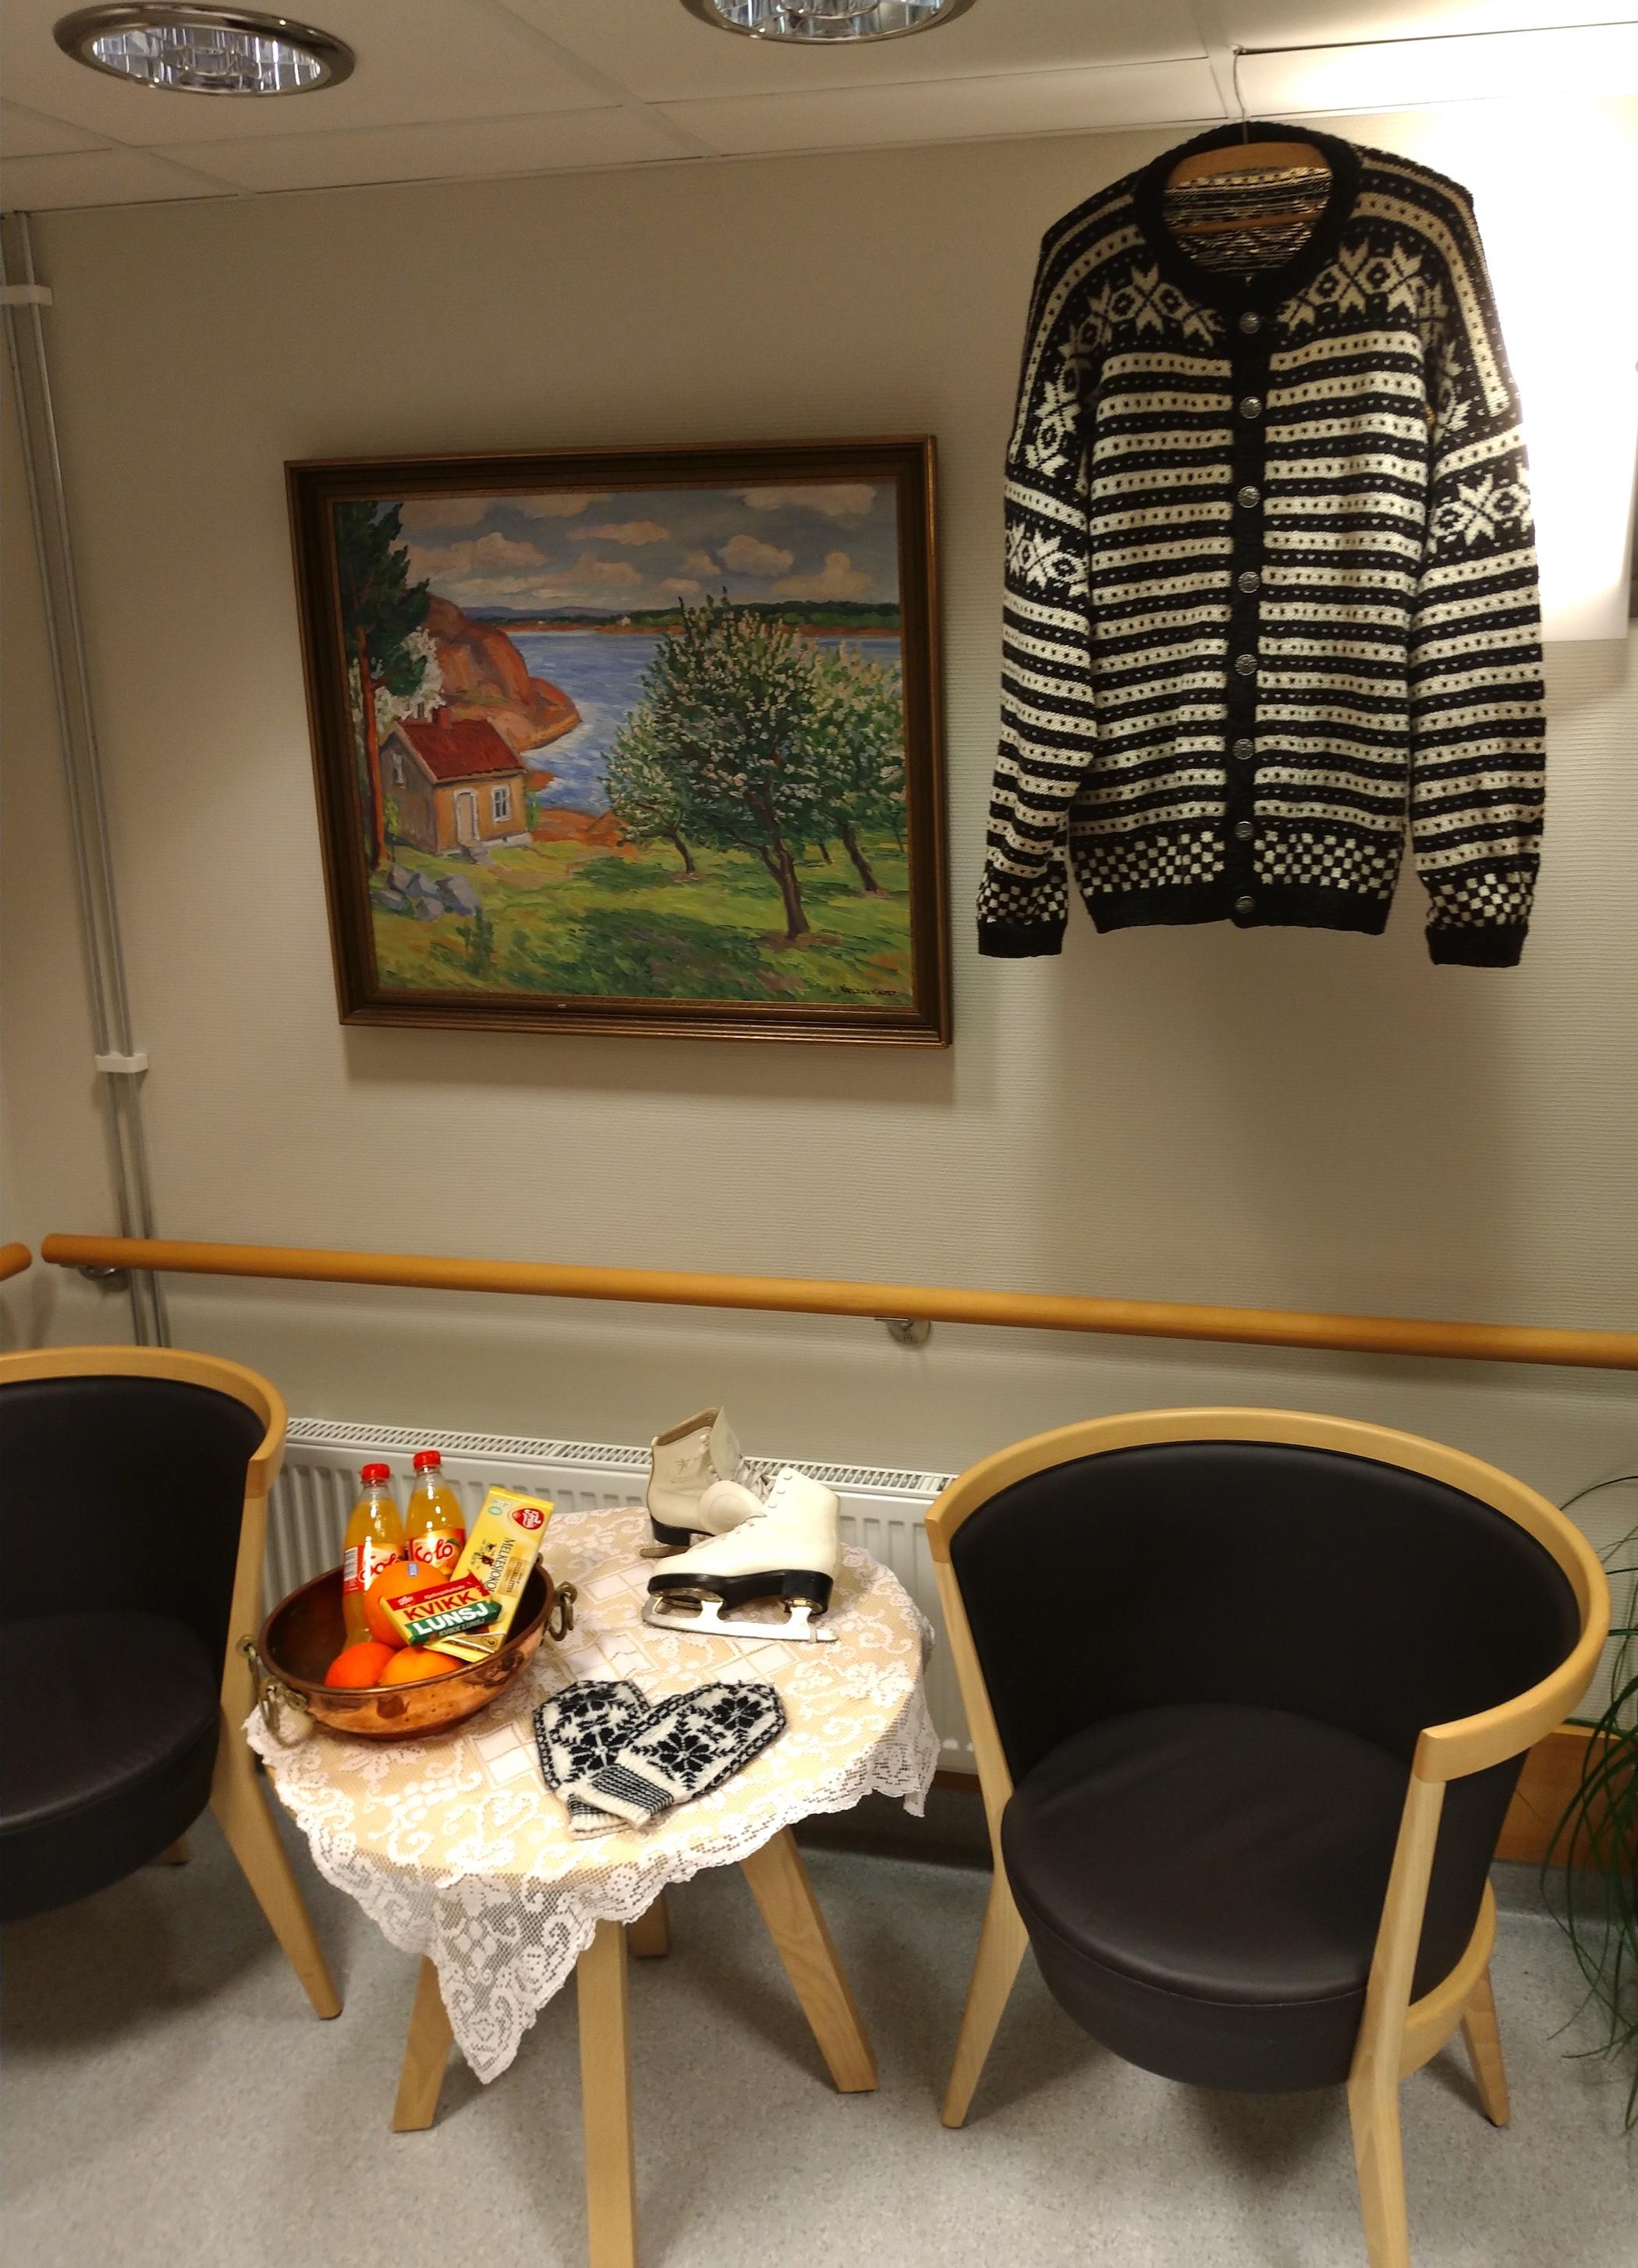 Et. hjørne i korridoren har fått vinterstemning med Solo, Kvikk-lunsj, skøyter og strikkeplagg